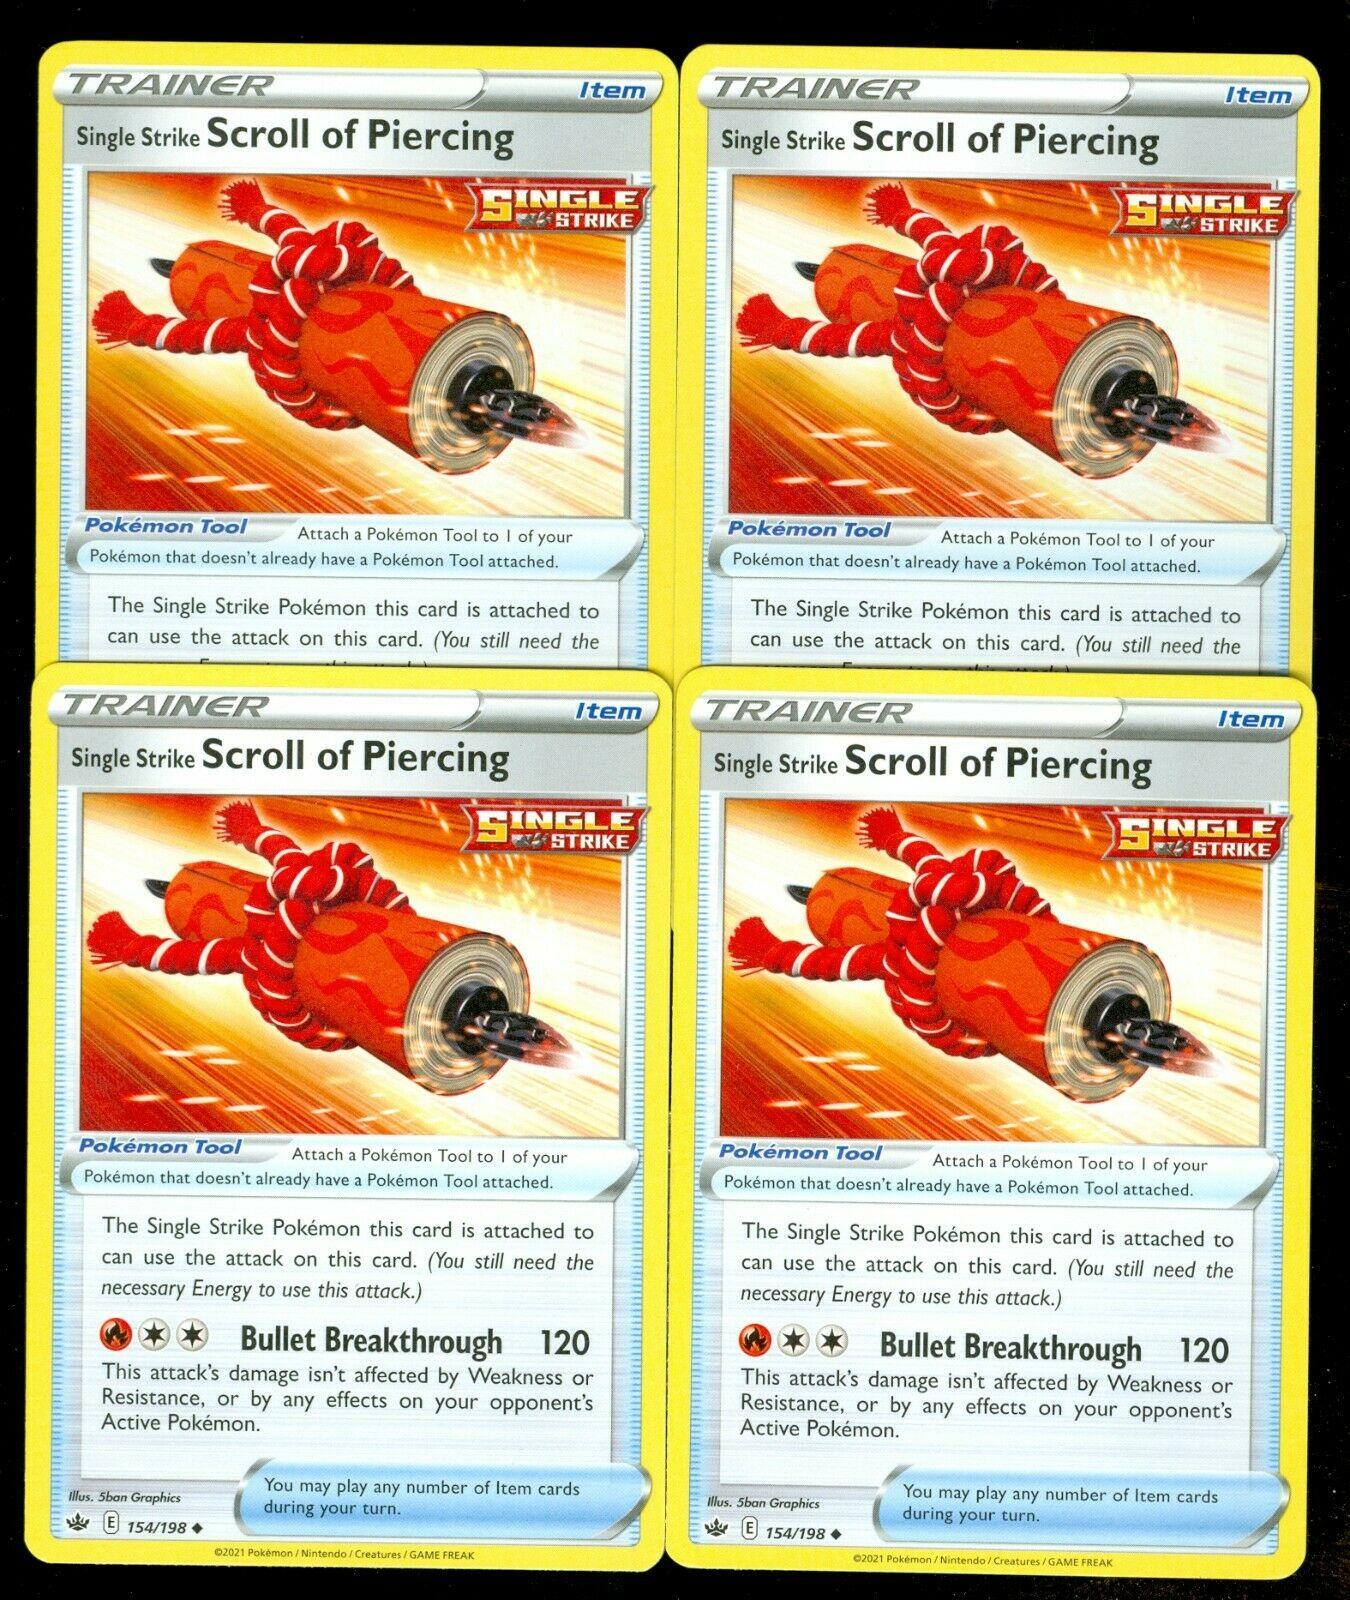 Pokemon SINGLE STRIKE SCROLL OF PIERCING 154/198 Chilling Reign - - MINT 4X